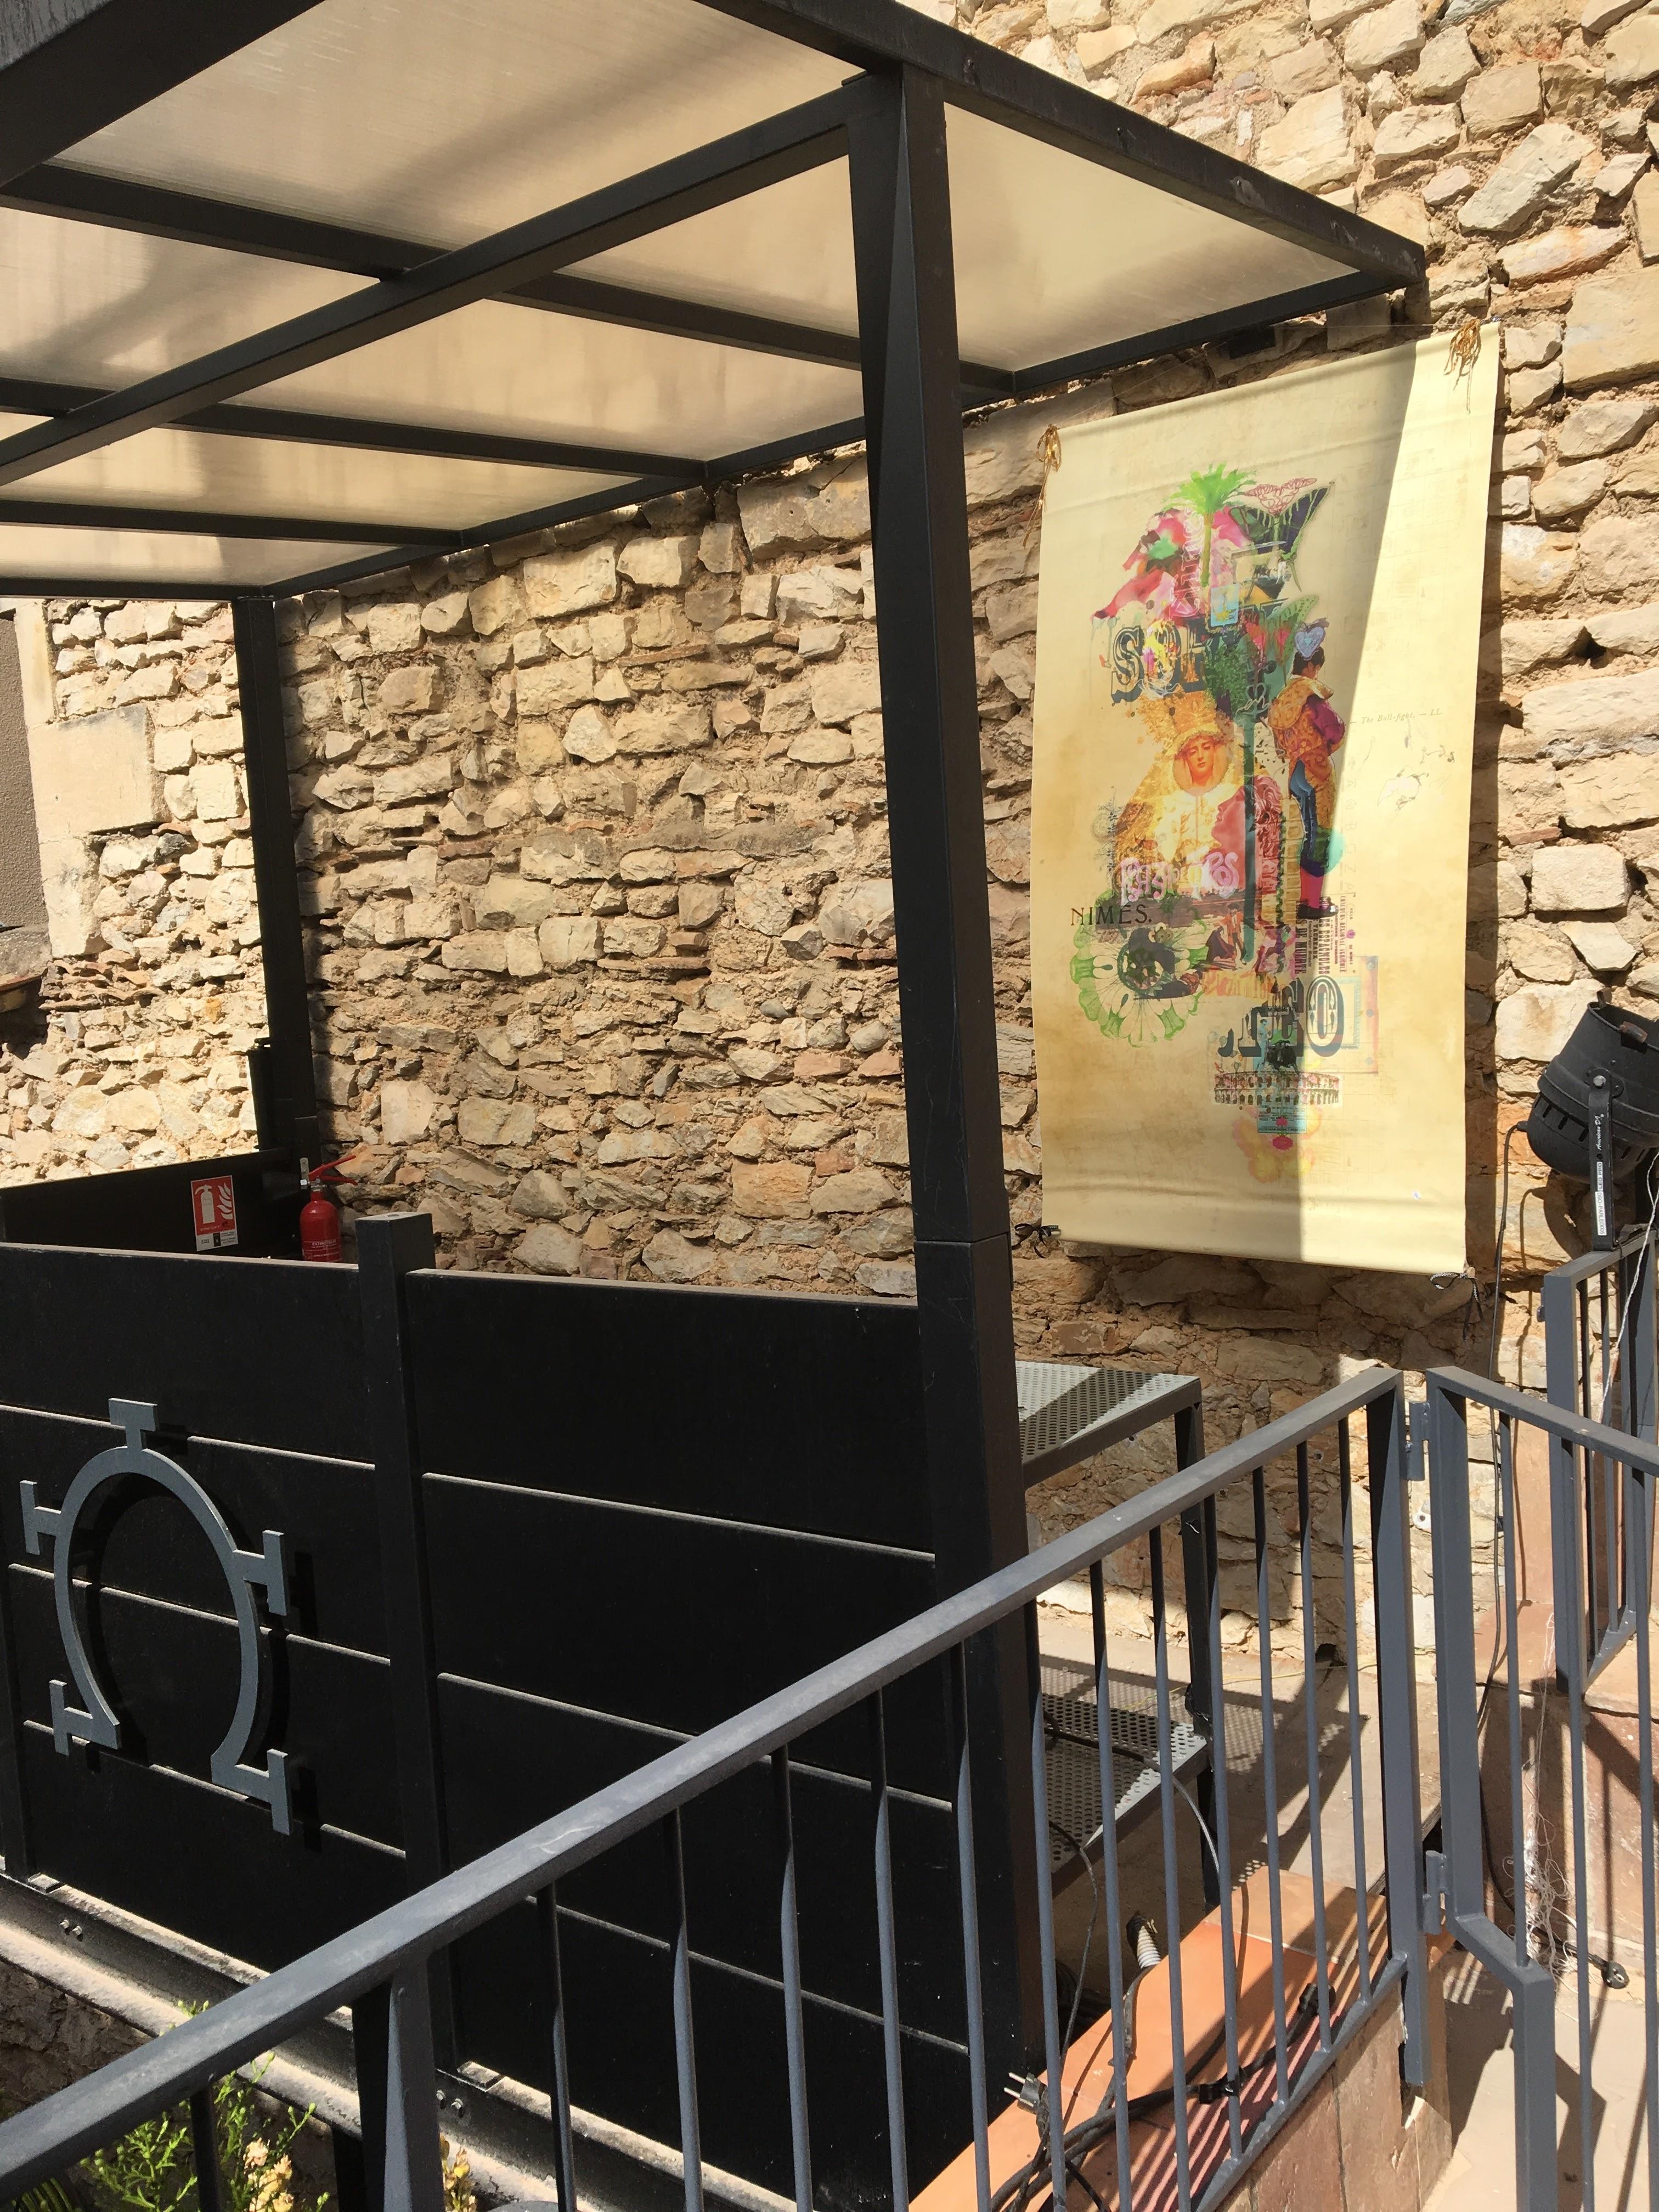 le toril d'artistes chez pablo Romero